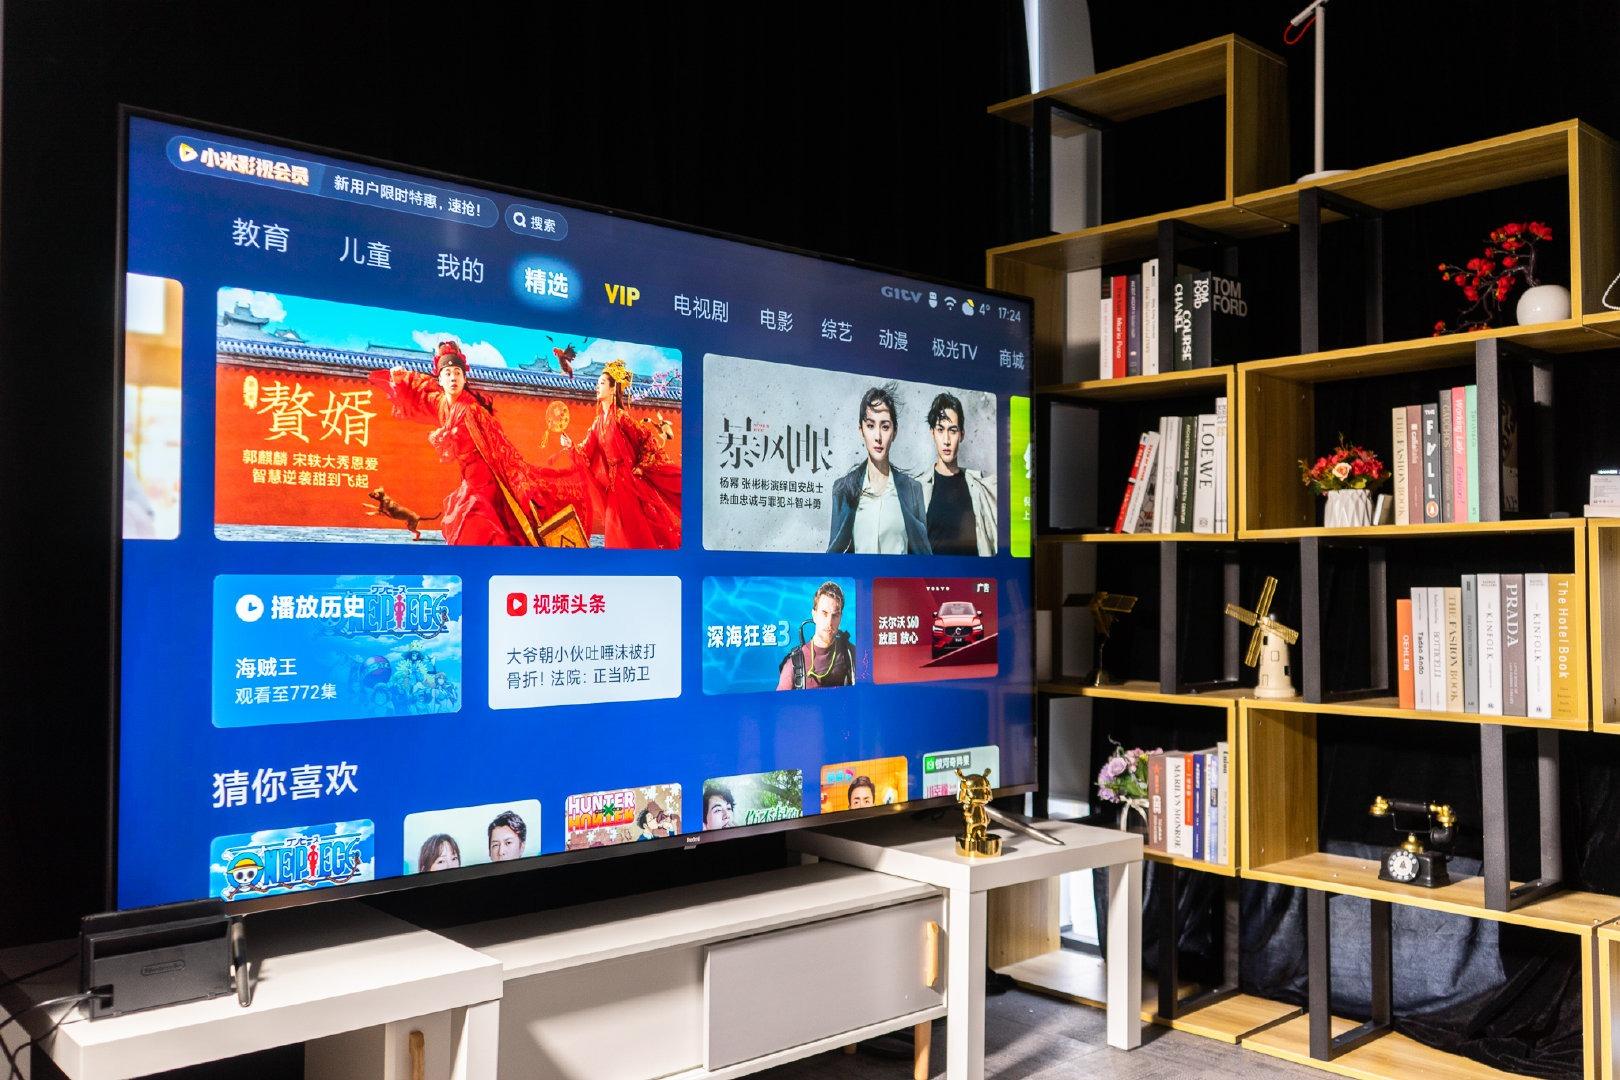 Xiaomi ra mắt Redmi MAX TV 86 inch: 4K, tần số quét 120Hz, HDMI v2.1, giá 28.5 triệu đồng - Ảnh 2.